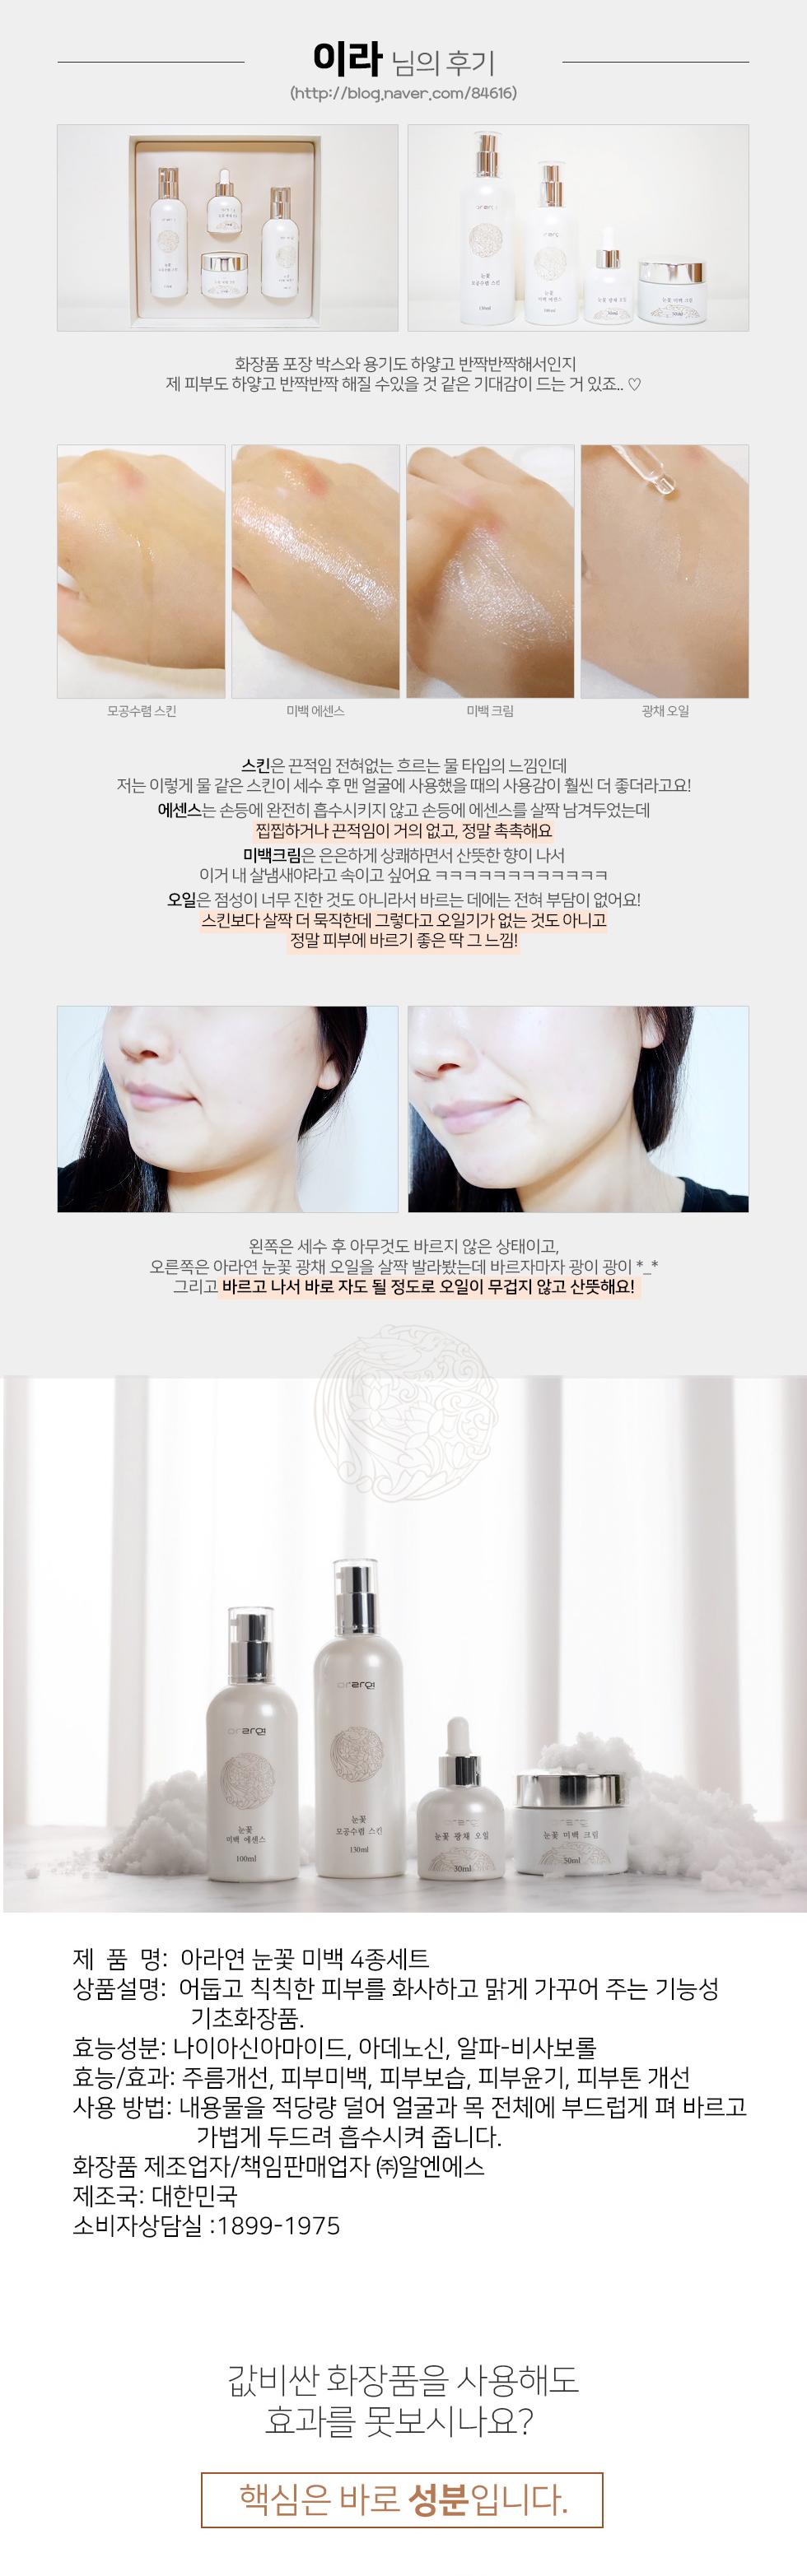 [아라연]-눈꽃-미백-기능성-4종세트_04.jpg